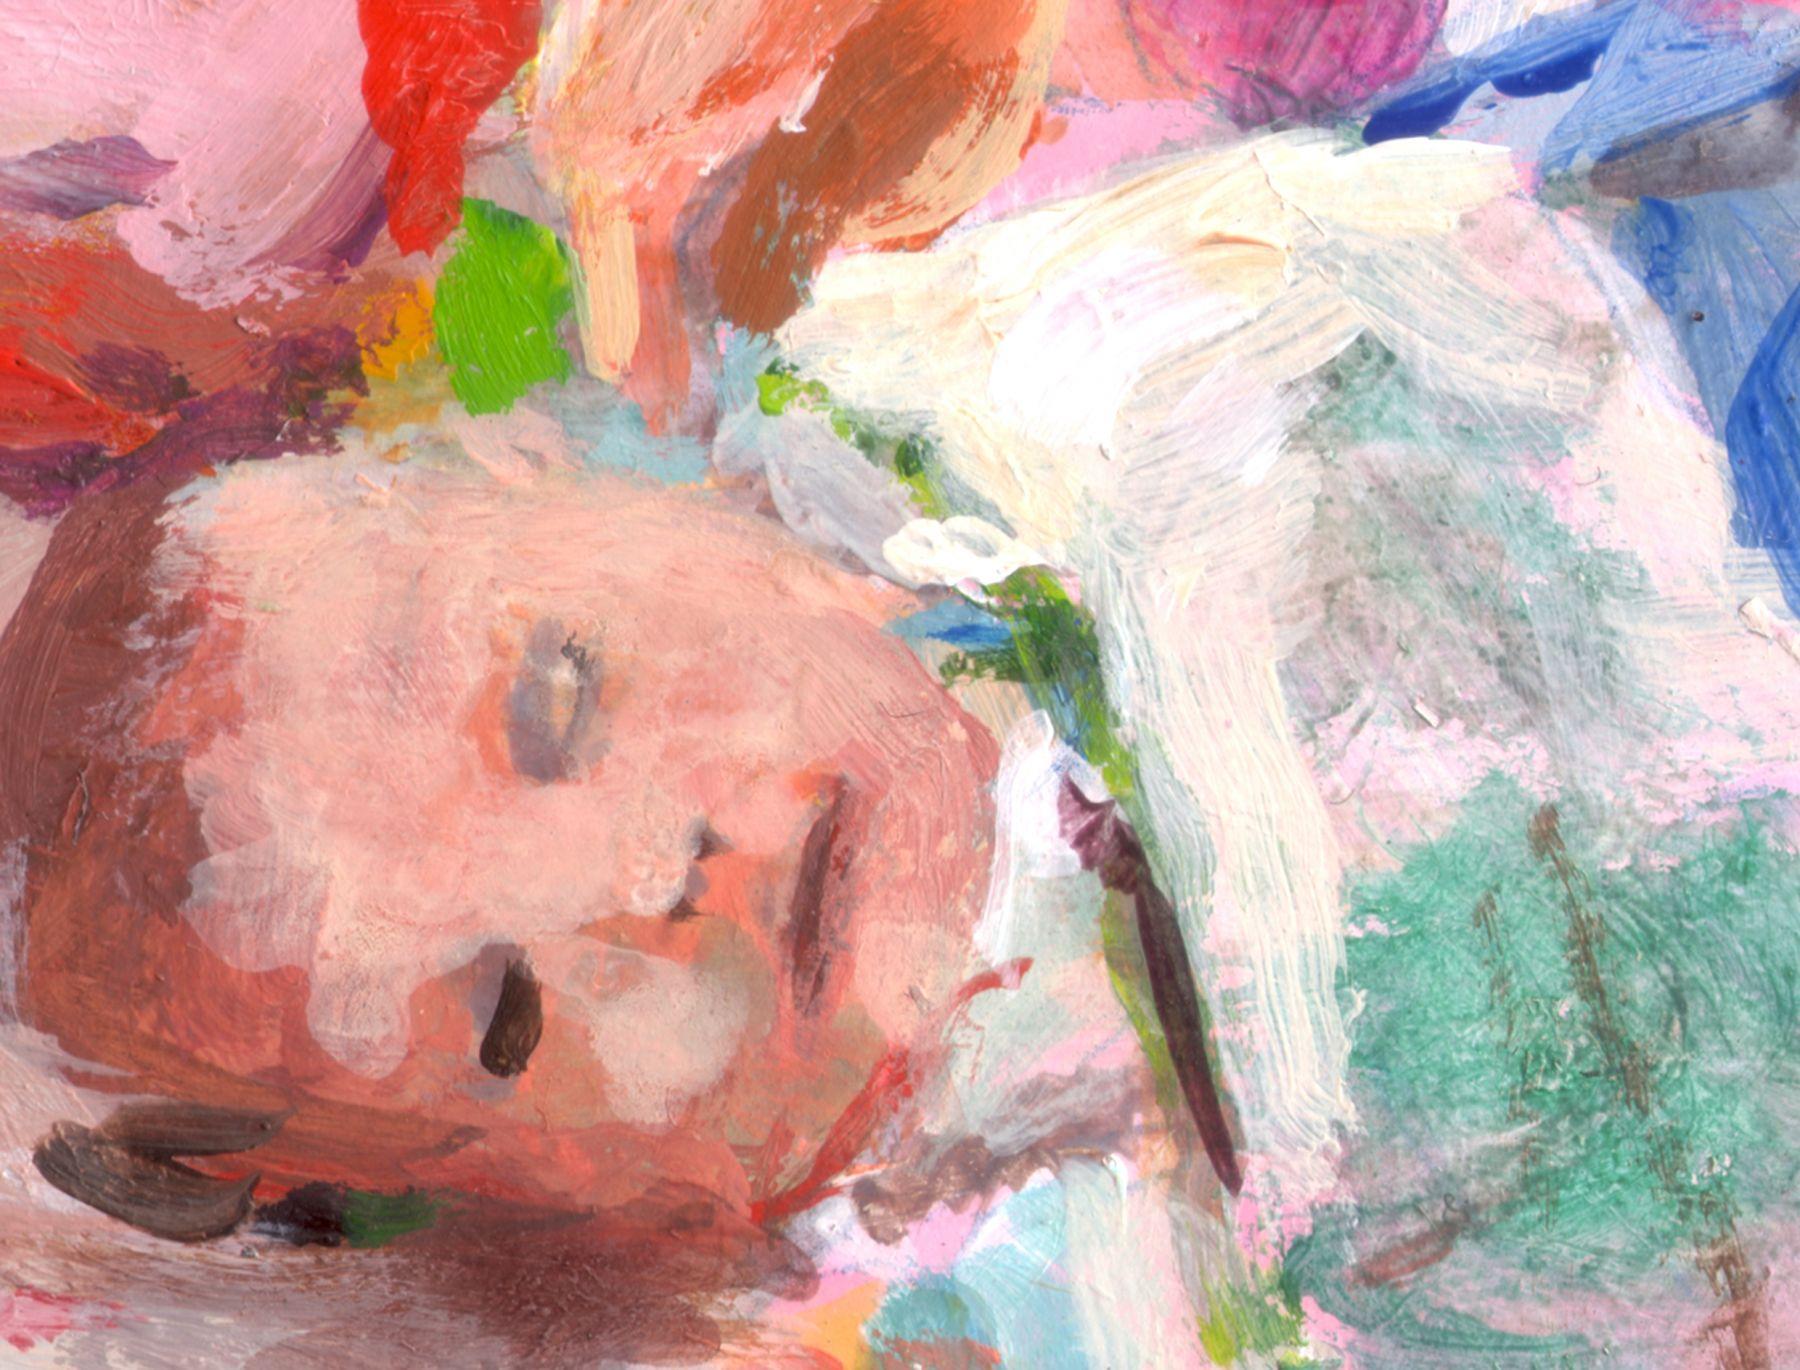 Still from Sleep, 2005, Animation on DVD